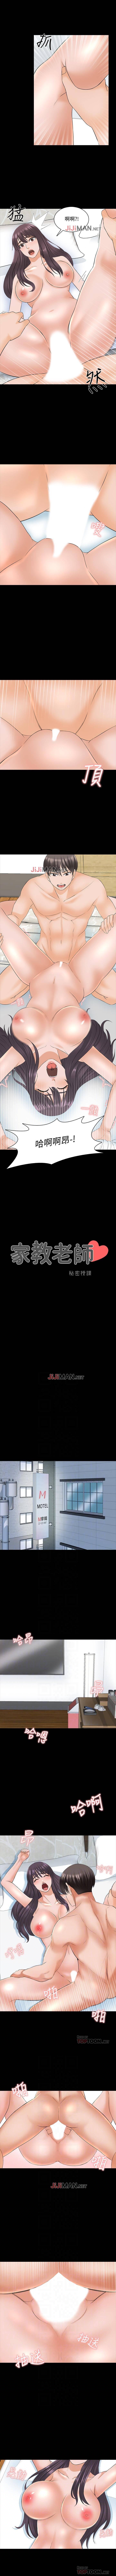 【周一连载】家教老师(作者: CreamMedia) 第1~44话 262